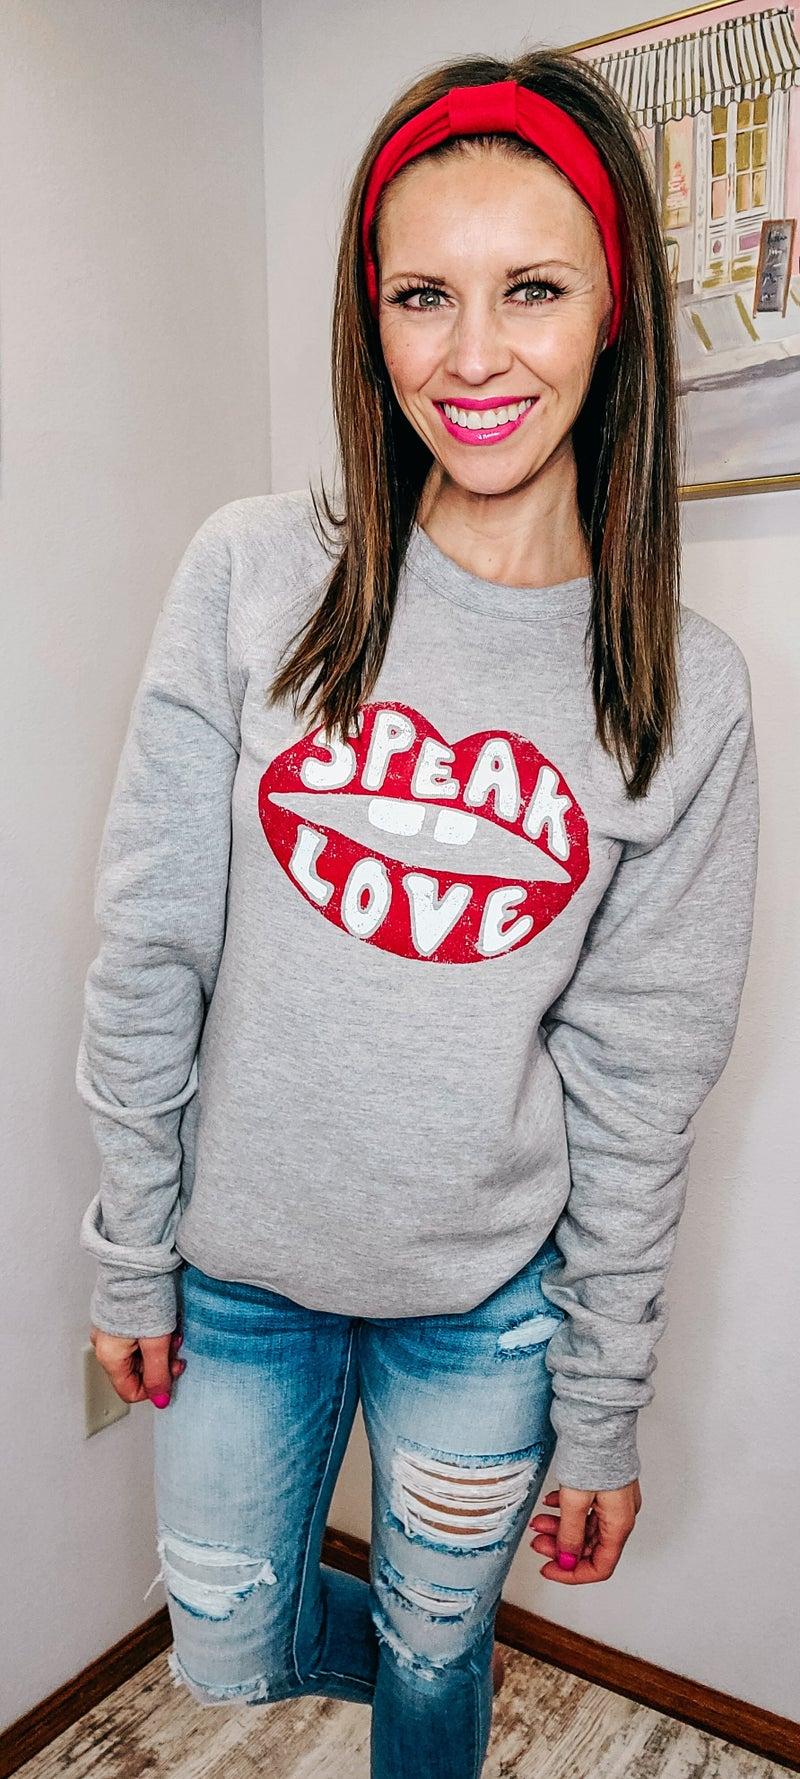 SPEAK LOVE CREWNECK